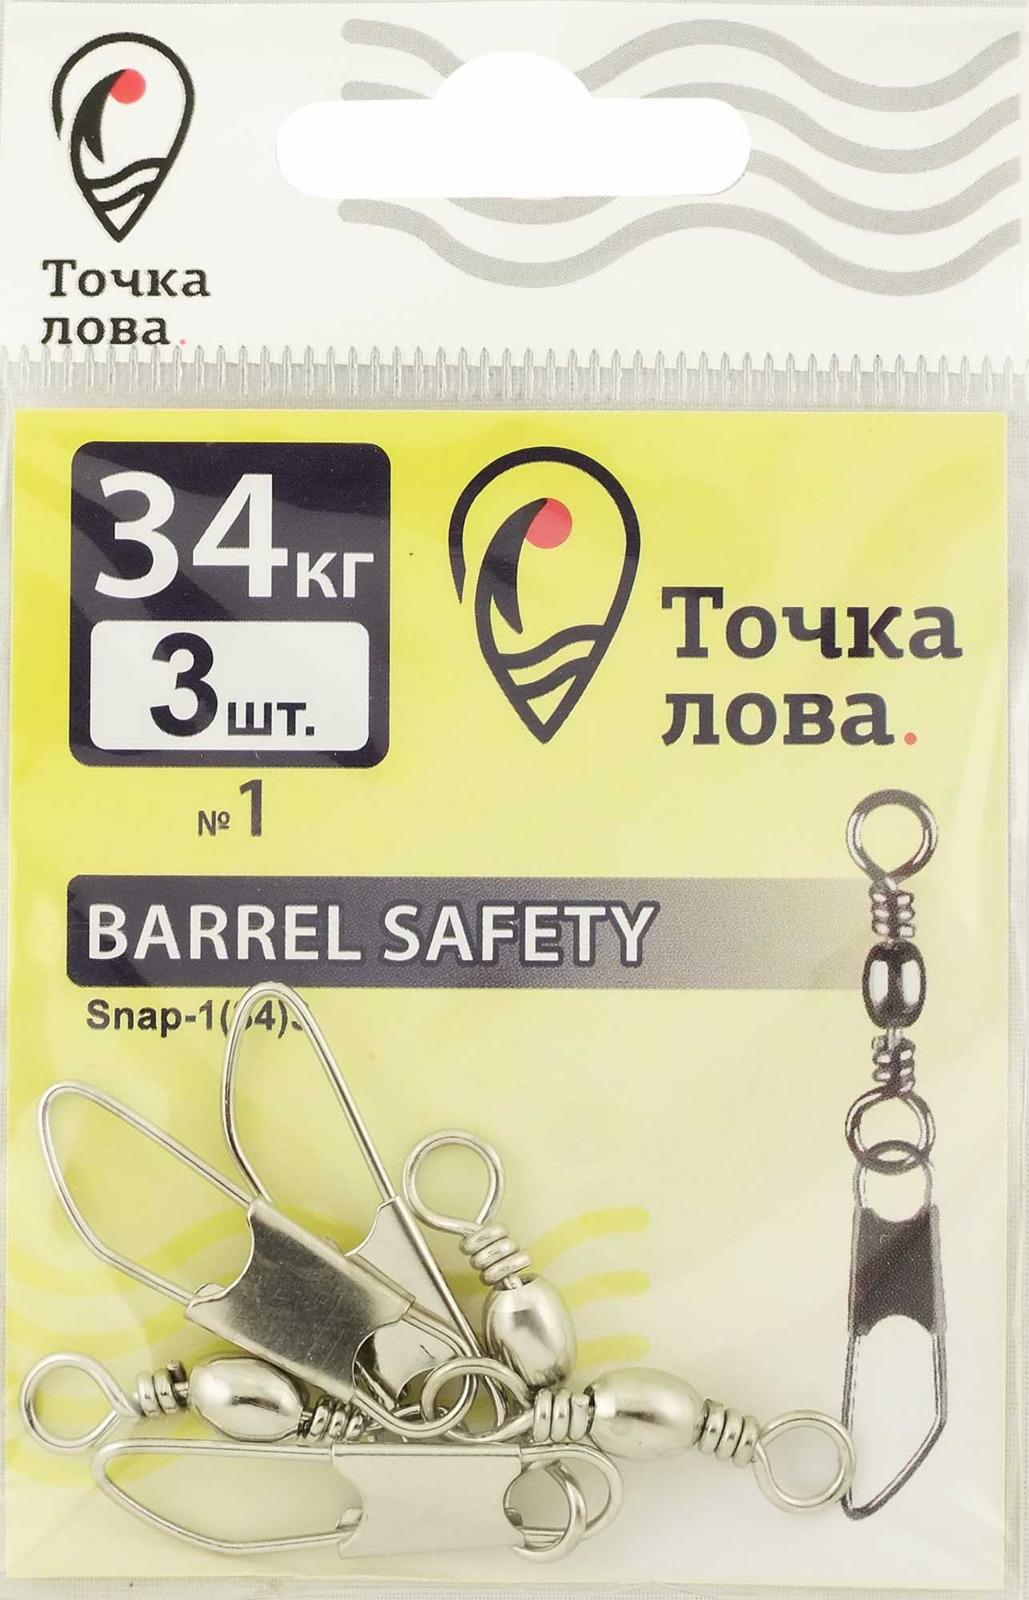 Аксессуар для рыбалки Точка Лова Застежка, с вертлюгом, Snap-1(34), 3 шт